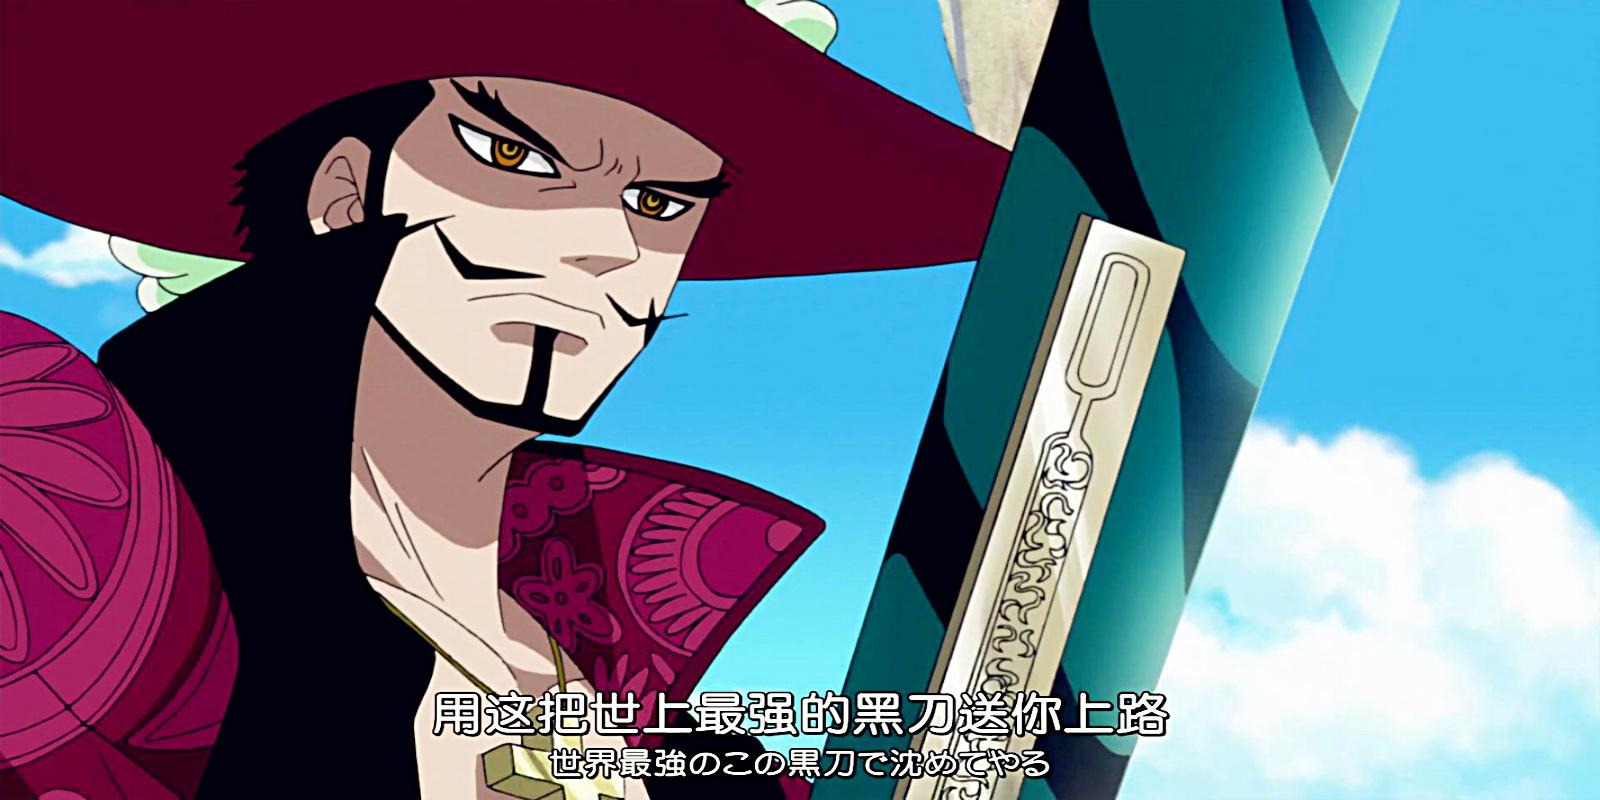 """海賊王:6個響當當的世界級稱號,""""世界最強""""真的名副其實嗎?"""